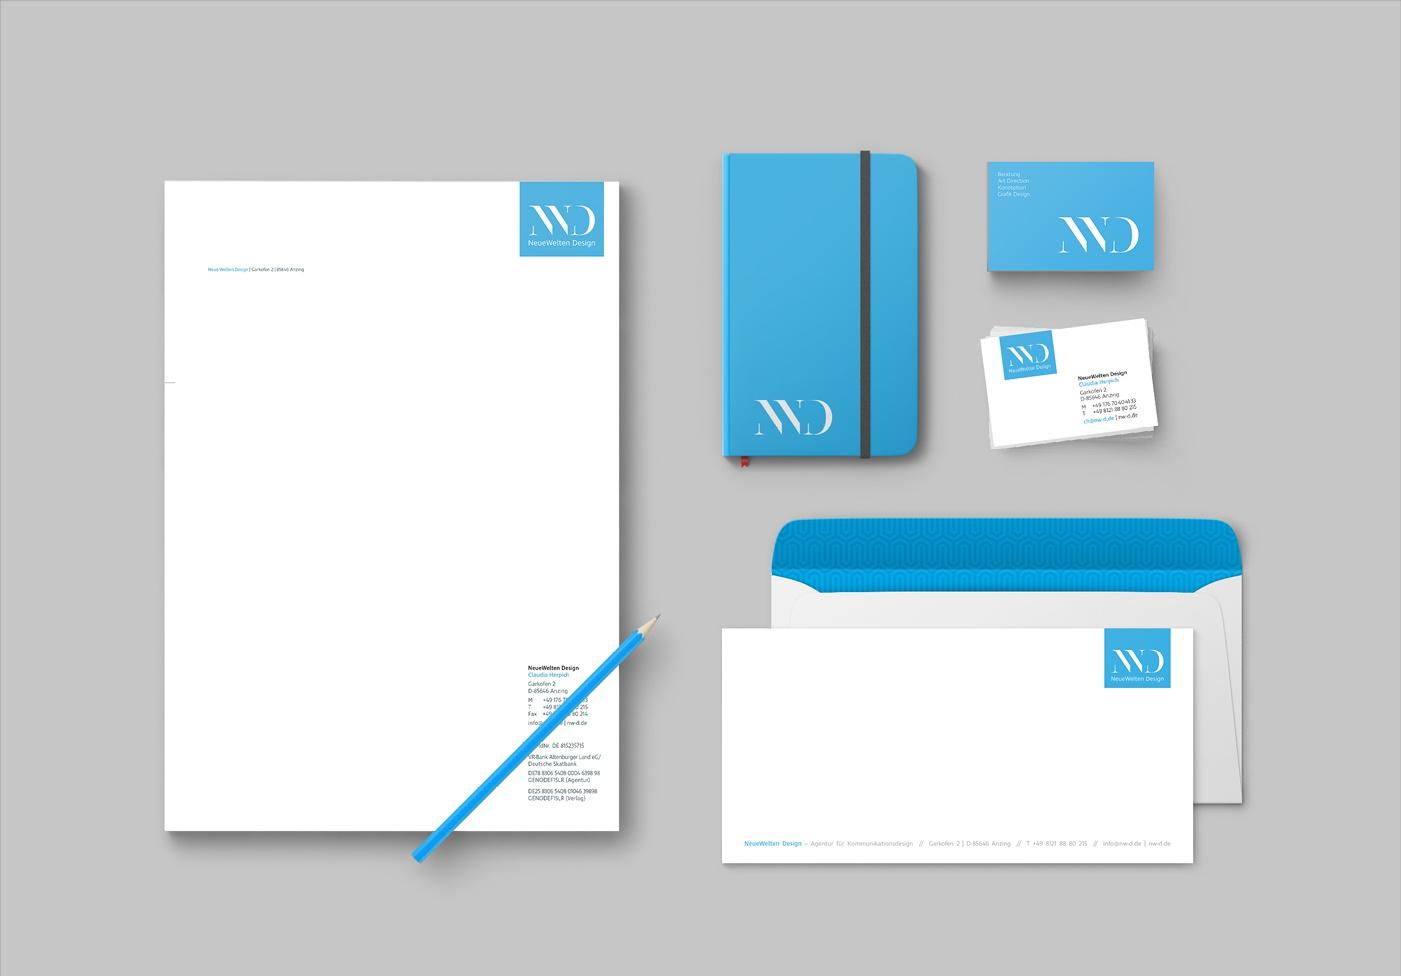 NeueWelten Design: Eigenes Redesign, Logo-Neuentwicklung, Geschäftsausstattung: Visitenkarten, Briefpapier, unterschiedliche Grußkarten, Newsletter, Kartendesign, Website